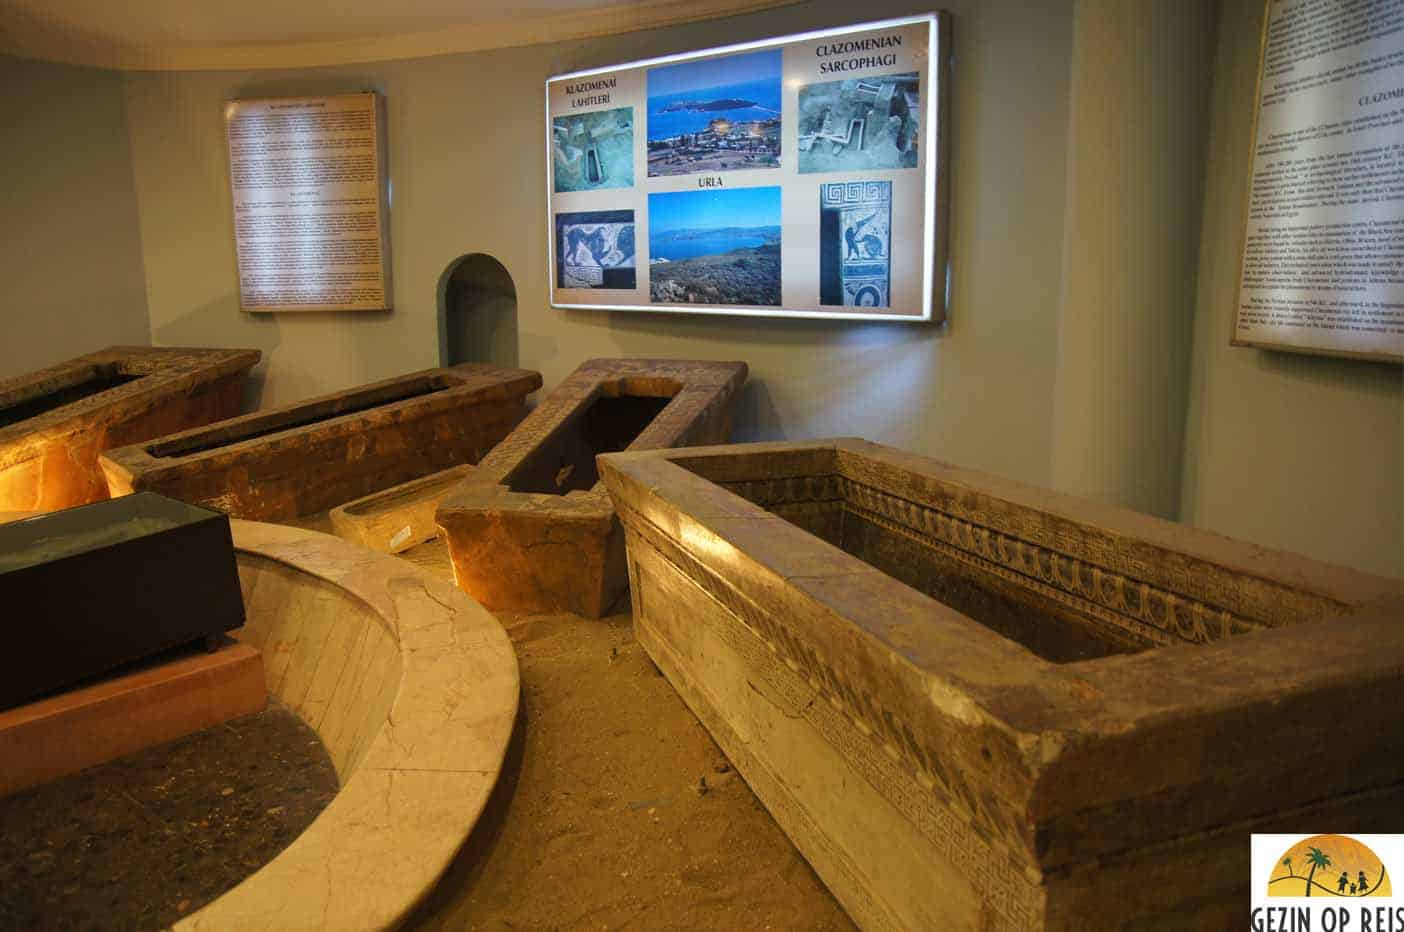 izmir museum